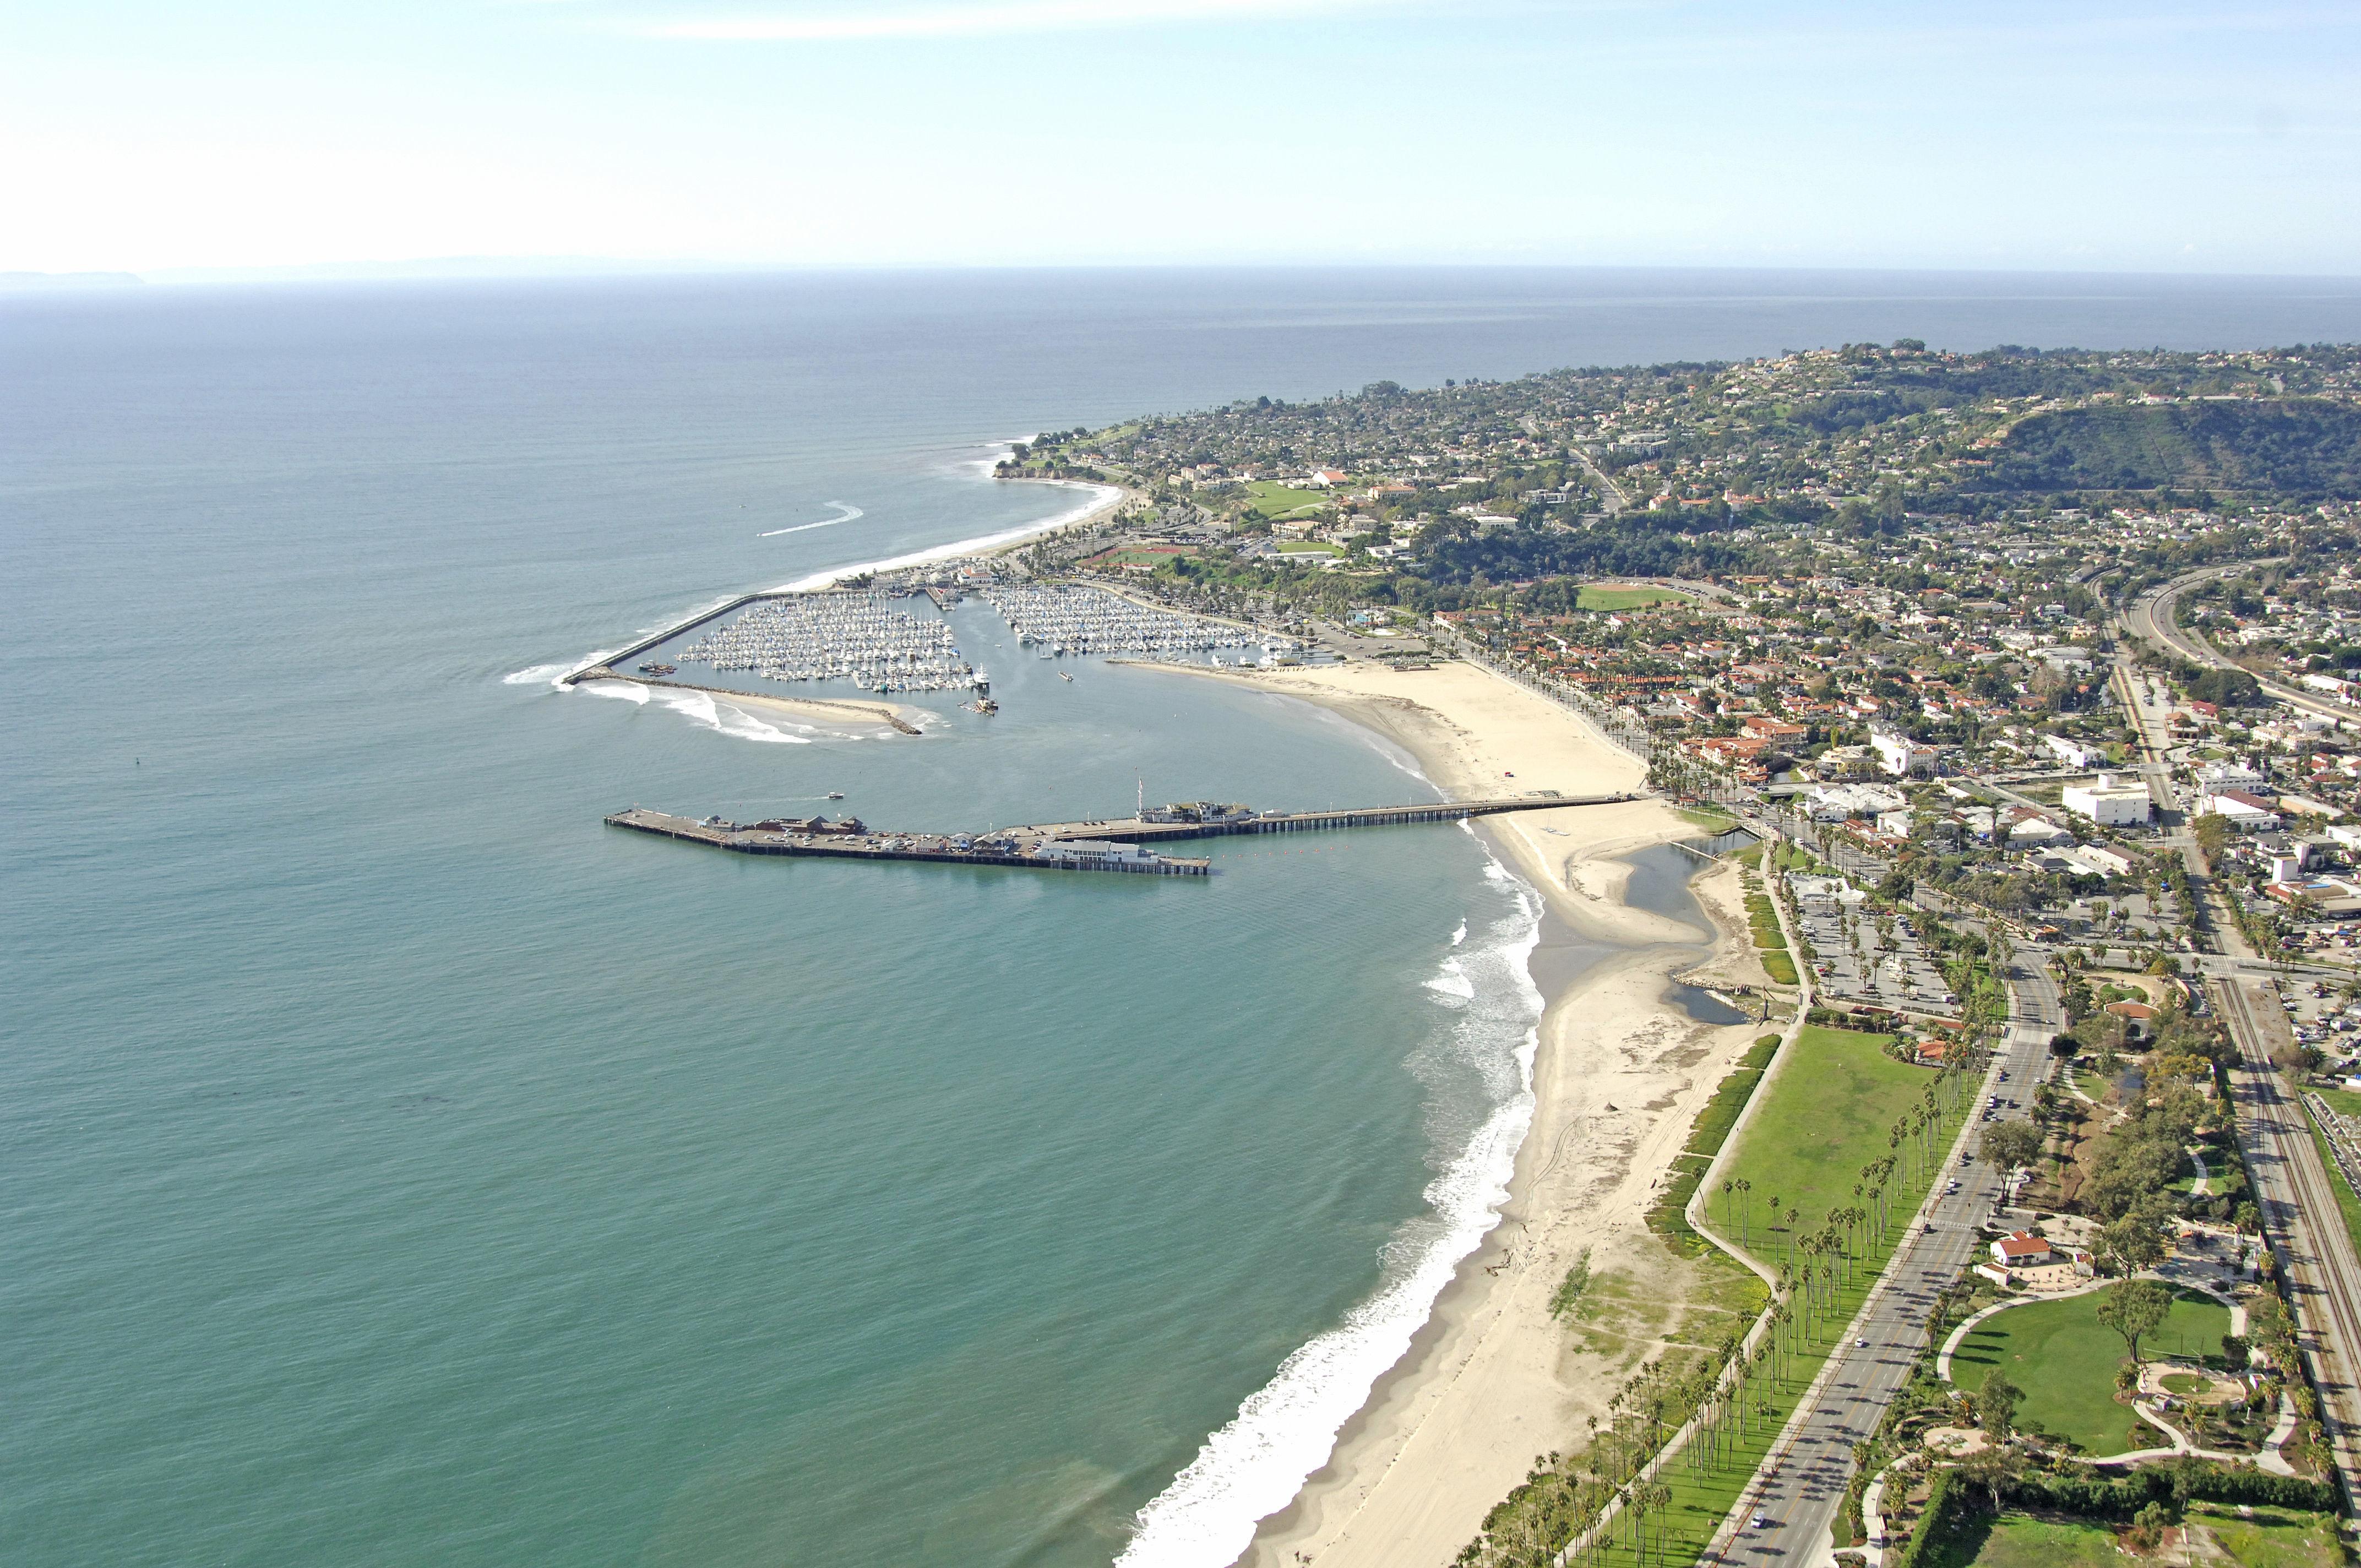 Bacara Resort & Spa, Santa Barbara, California - Resort